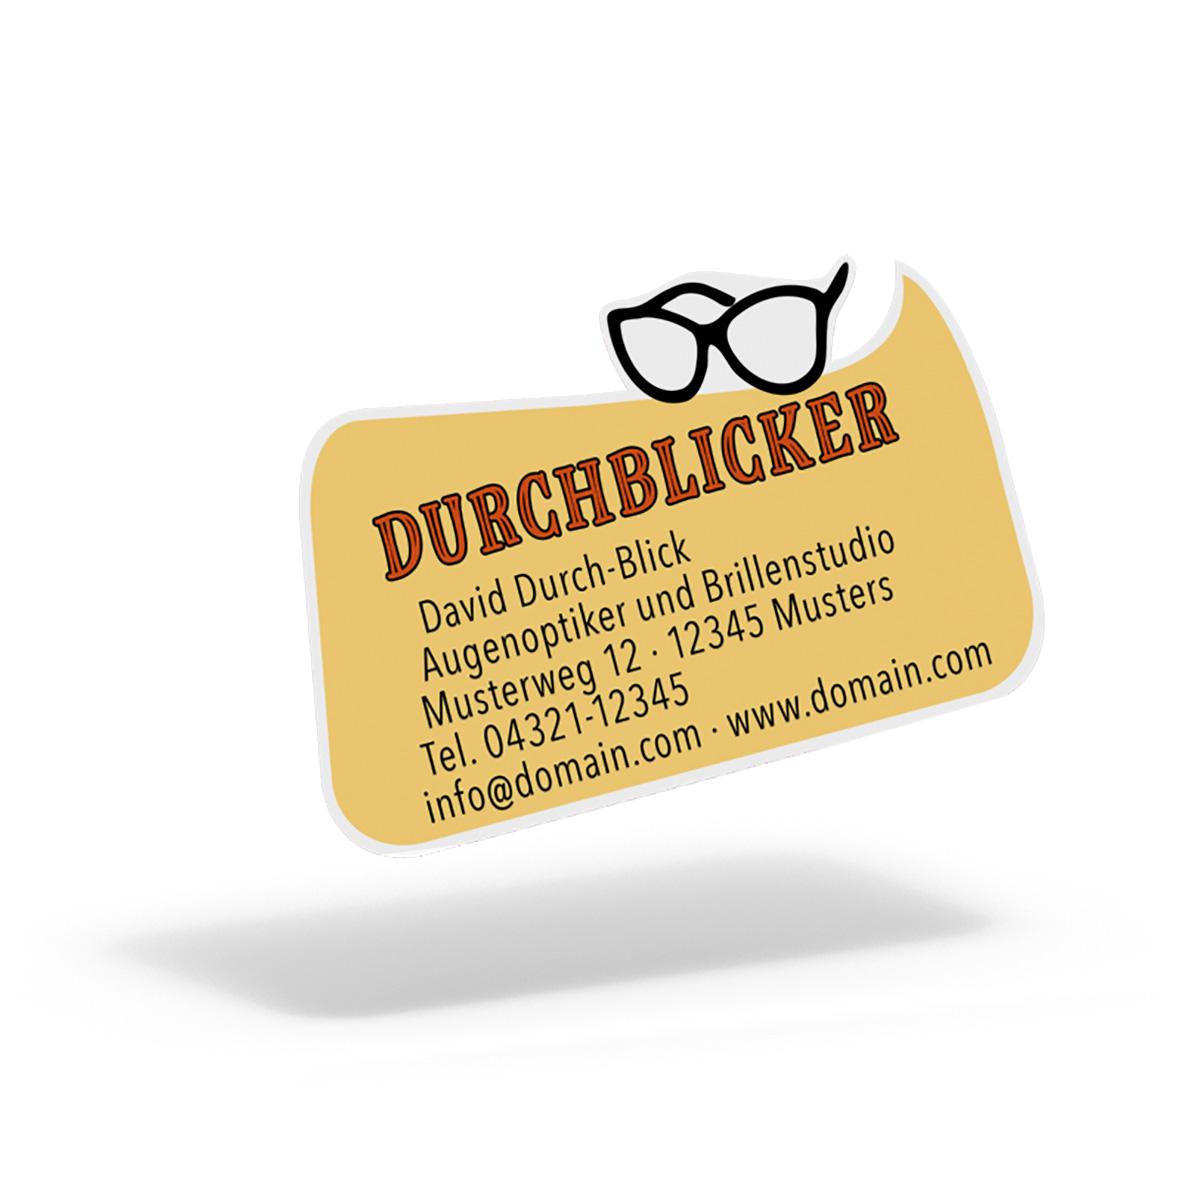 Pythagoras Marketing Gmbh Folien Aufkleber Etiketten Rechteckige Blase Optiker Geschenkgutscheine Visitenkarten Kundenkarten Und Weitere